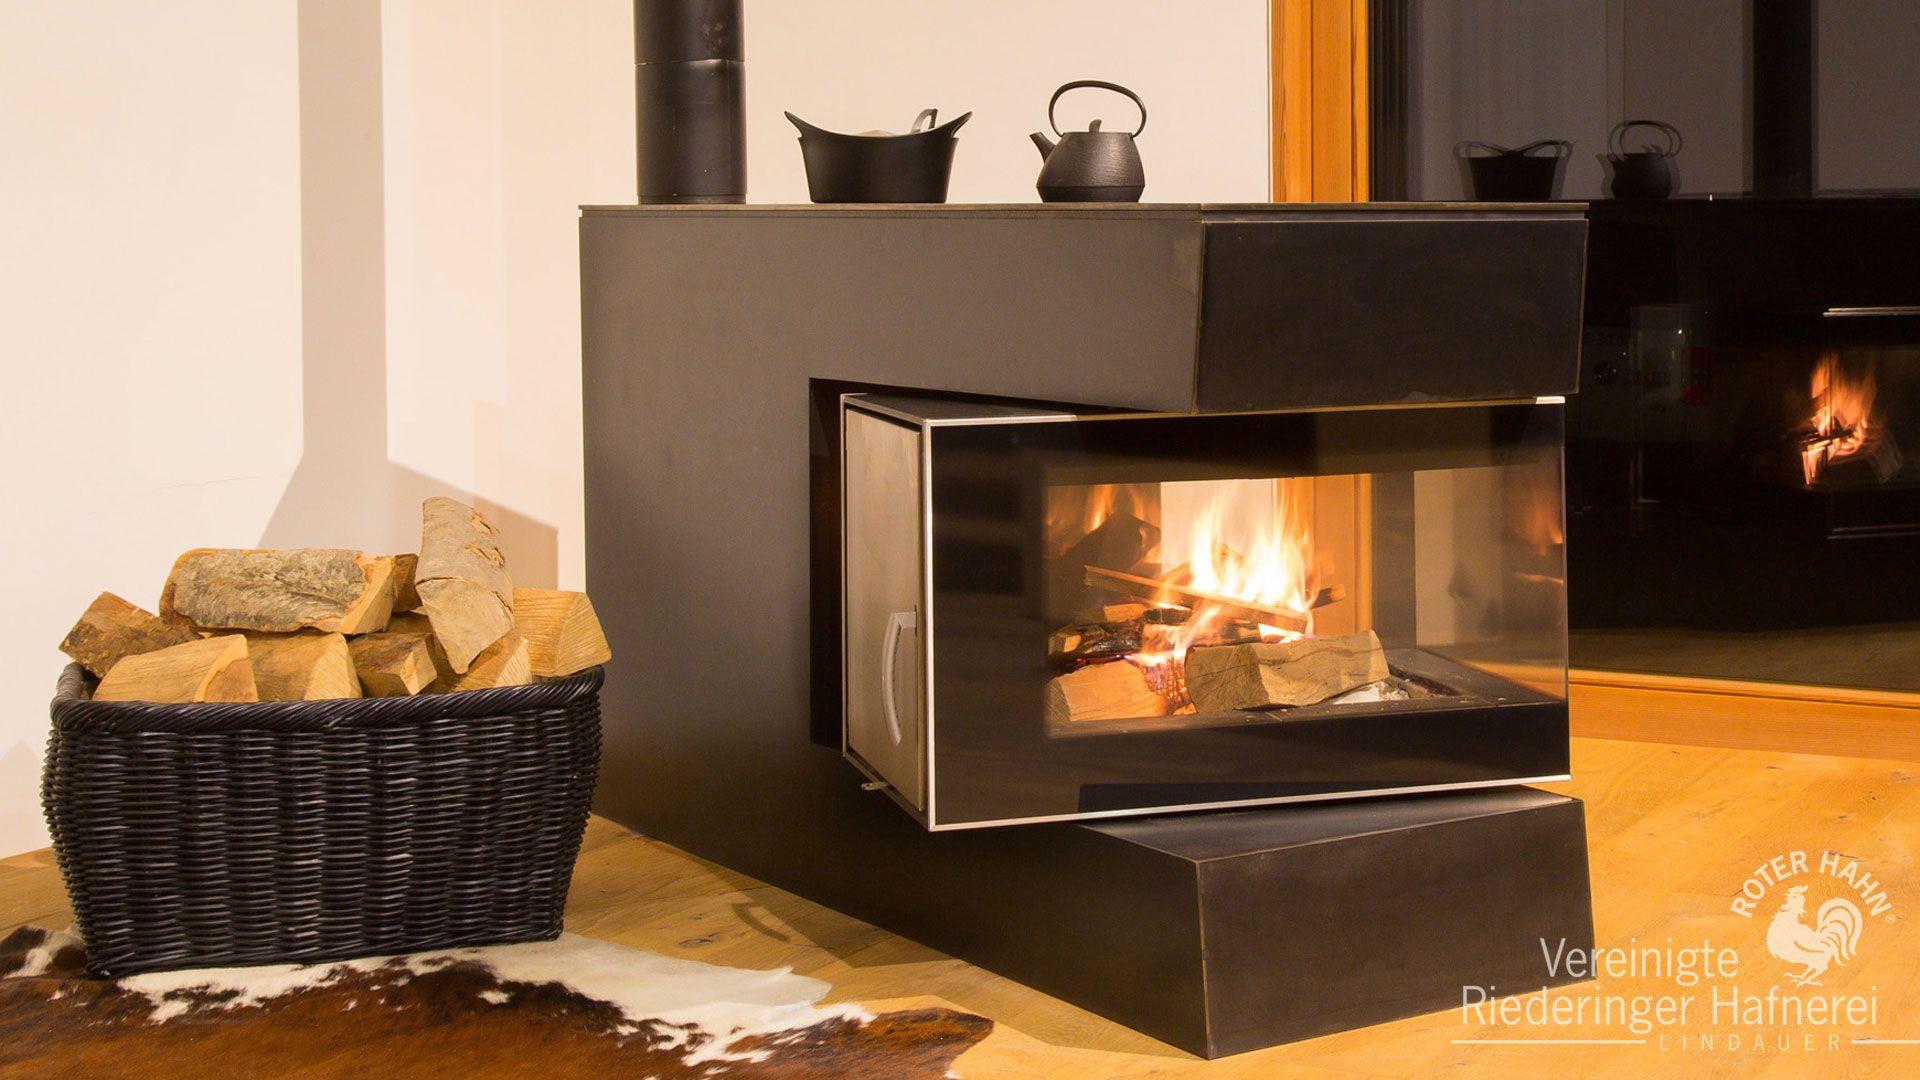 herd und grundofen mit gemauerten z gen backrohr herdplatte und kompletter stahlverkleidung. Black Bedroom Furniture Sets. Home Design Ideas